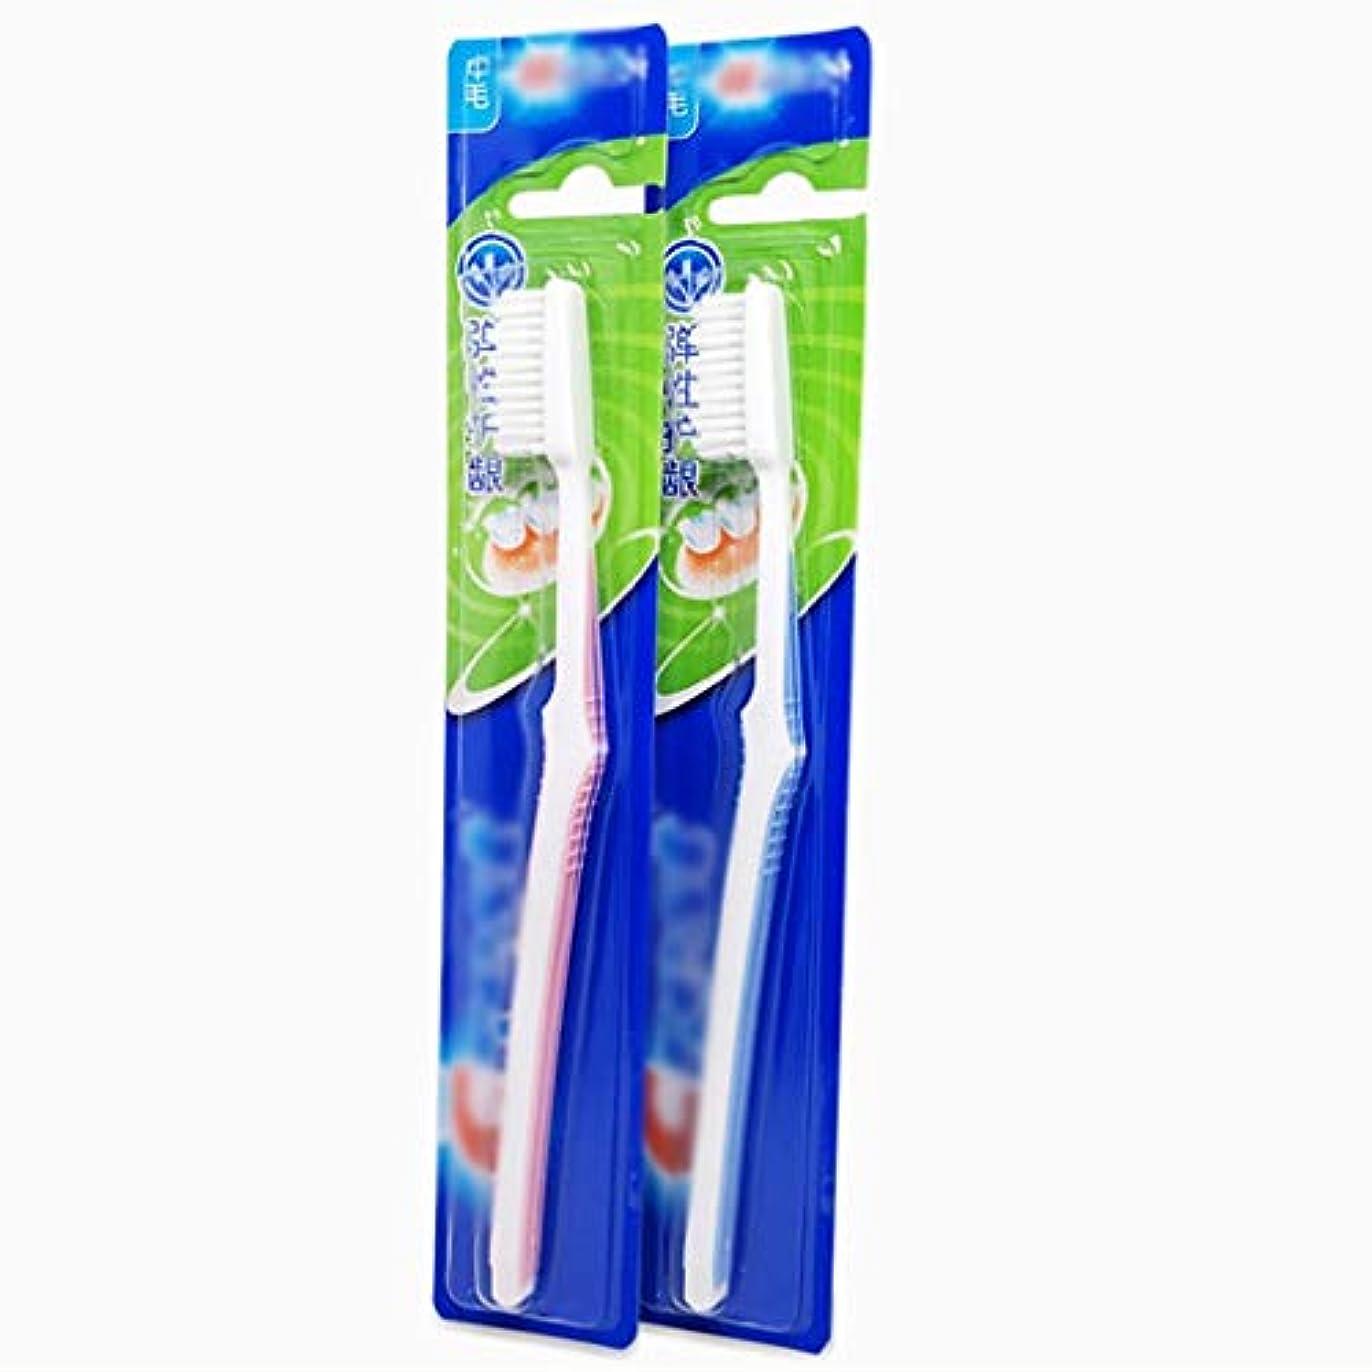 急降下の中で奴隷クリーン歯ブラシ、ノンスリップハンドル歯ブラシ、12パック(ランダムカラー)